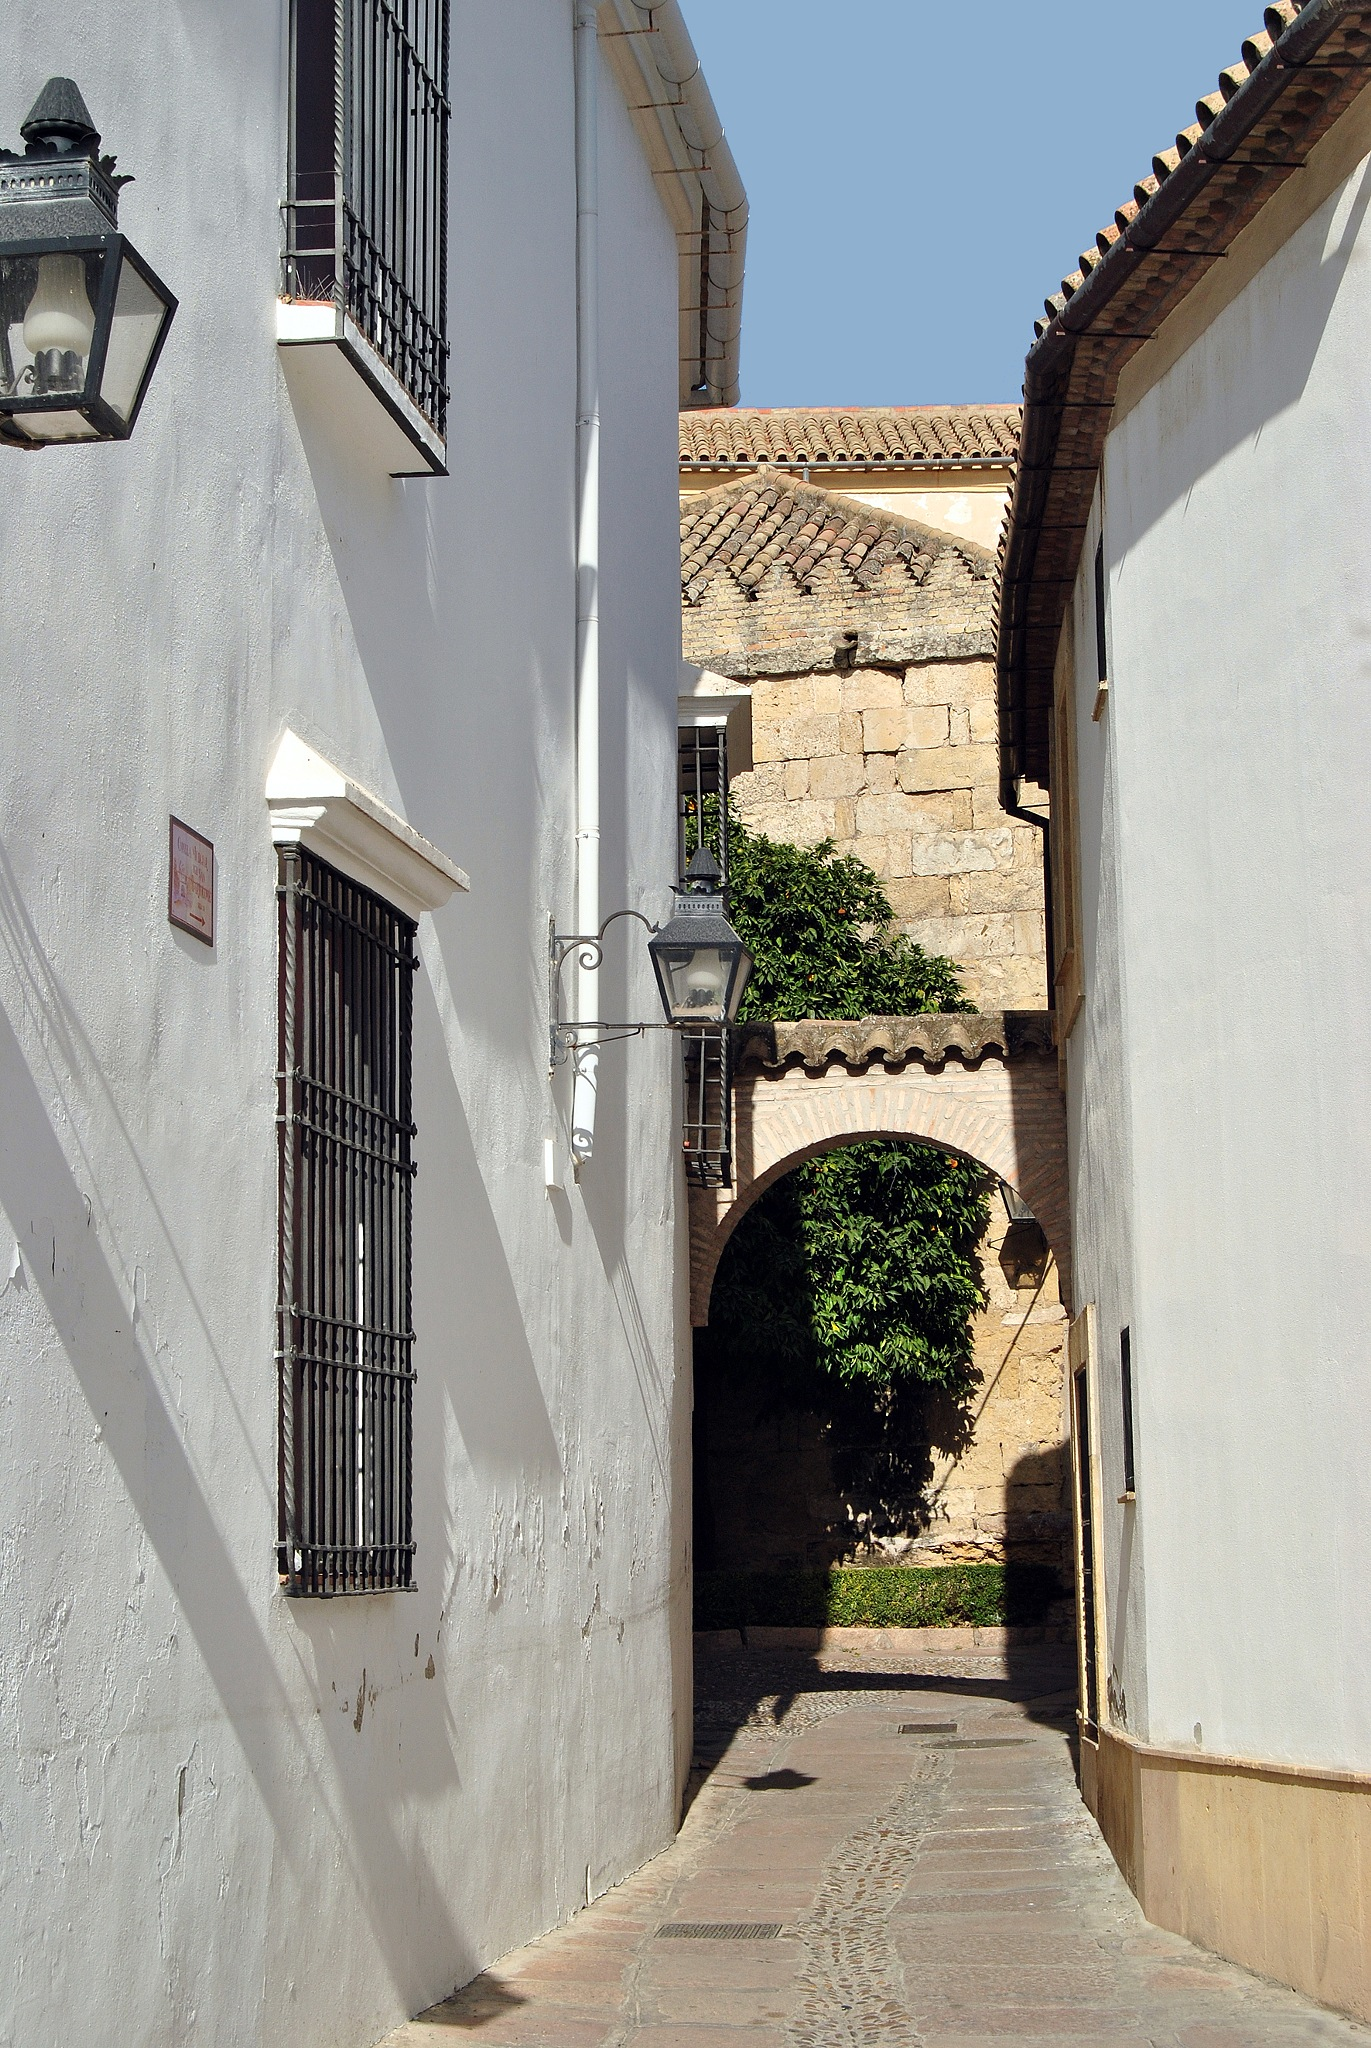 Calle de la Judería. Córdoba by DavidRoldan